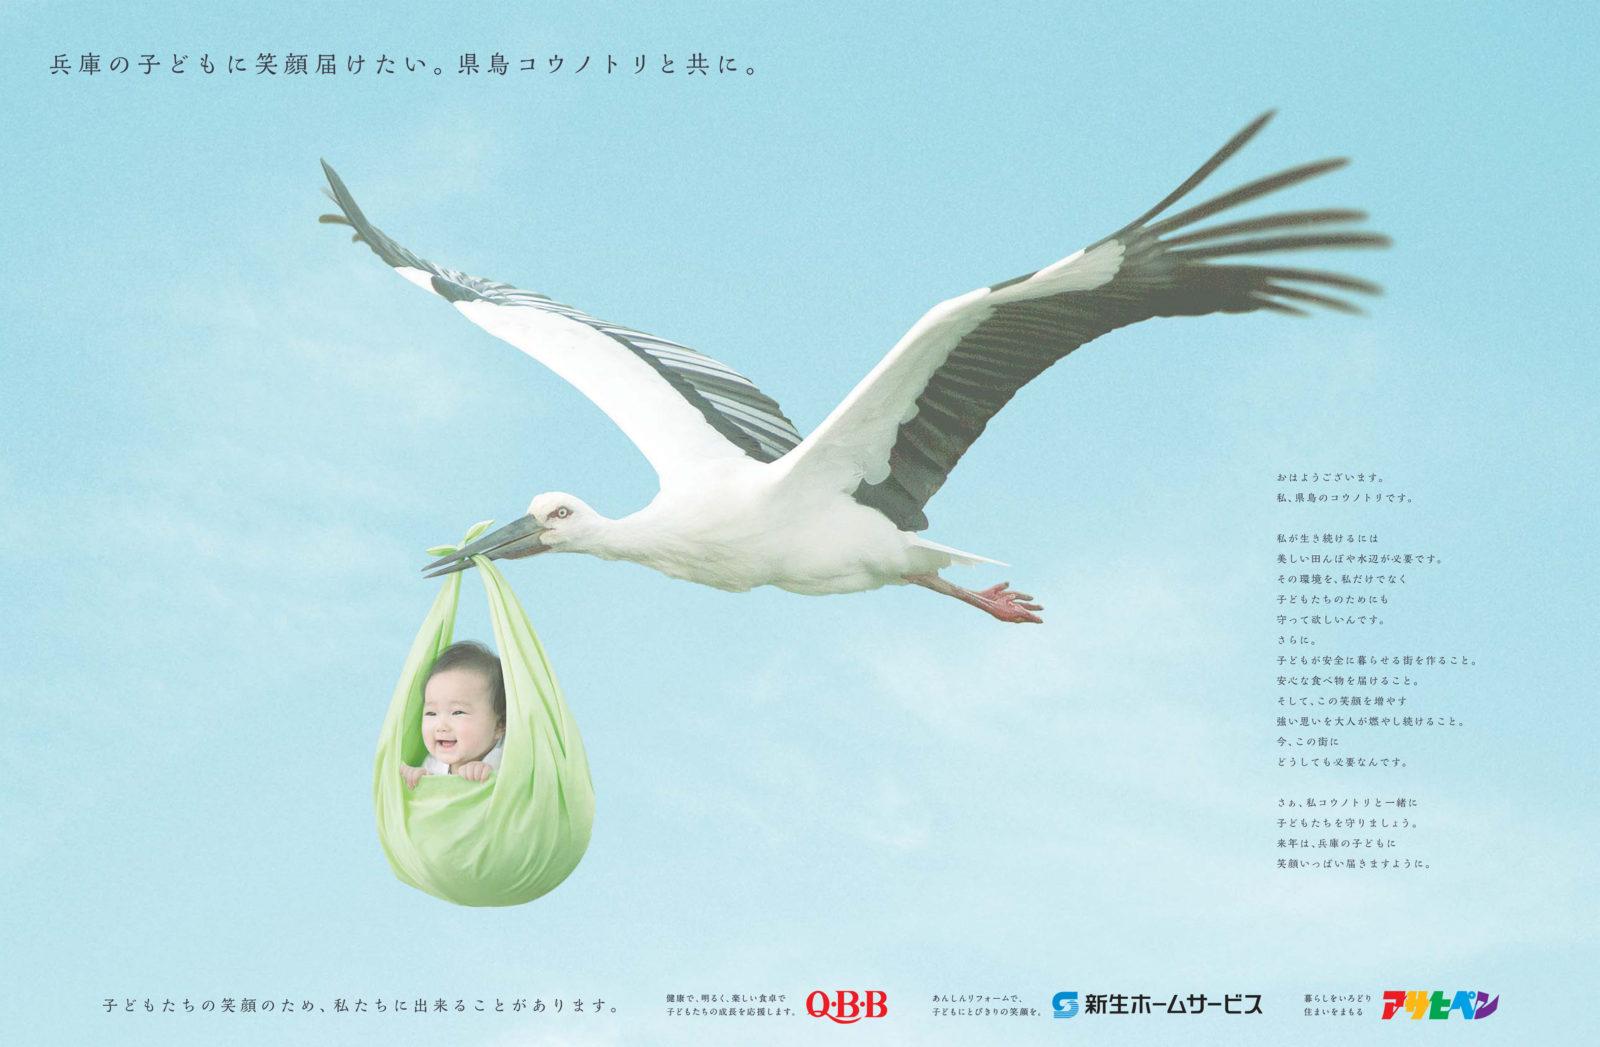 「コウノトリ」とはどんな鳥?赤ちゃんを運んでくる、と言われている有難い鳥。